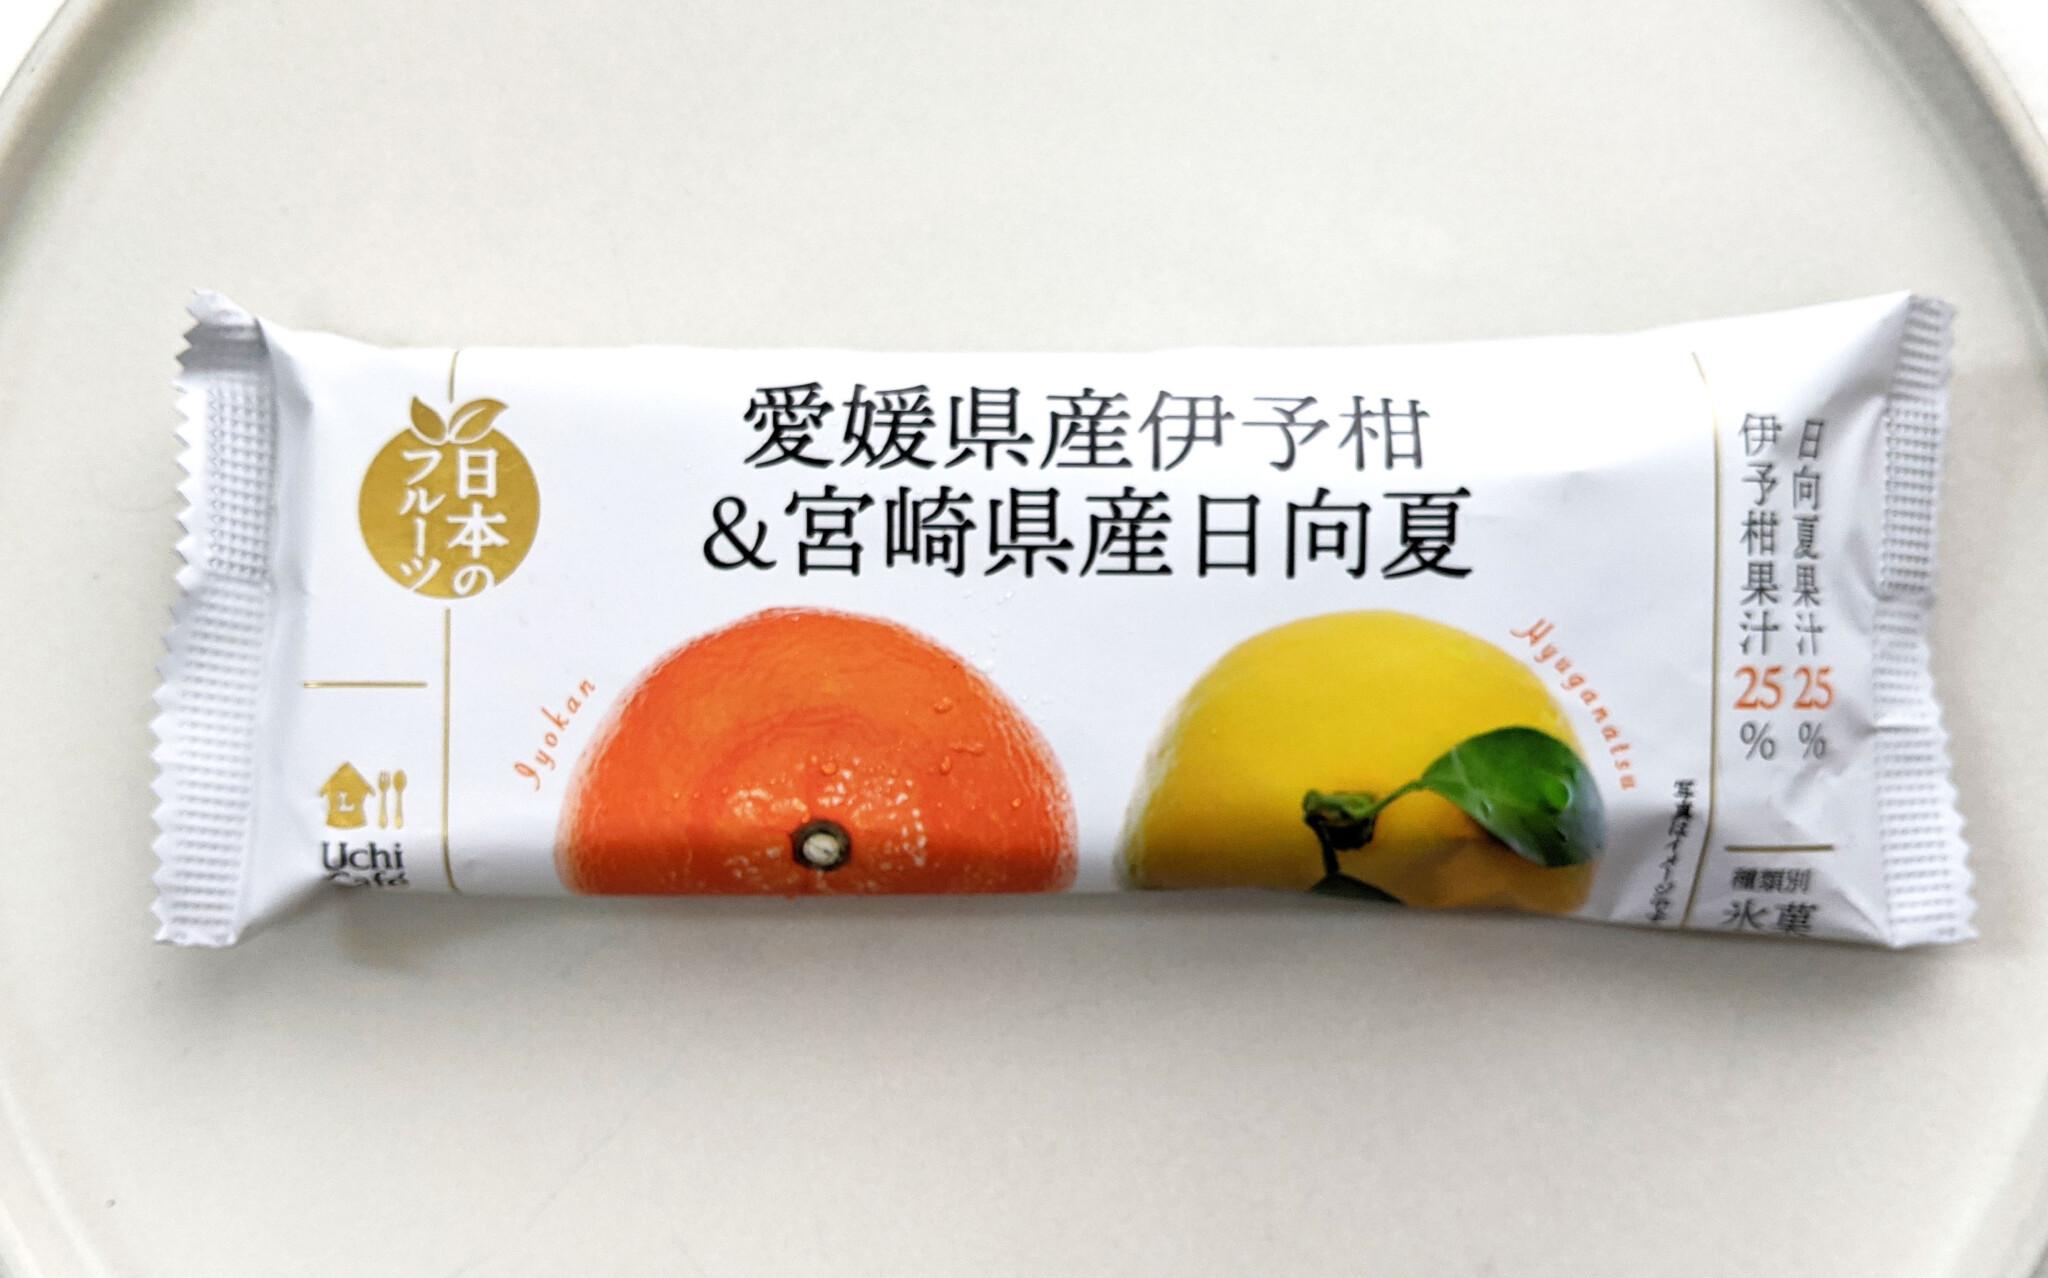 コンビニ コンビニアイス セブンイレブン ローソン ファミリーマート ウチカフェ 日本のフルーツ アロエヨーグルトアイス